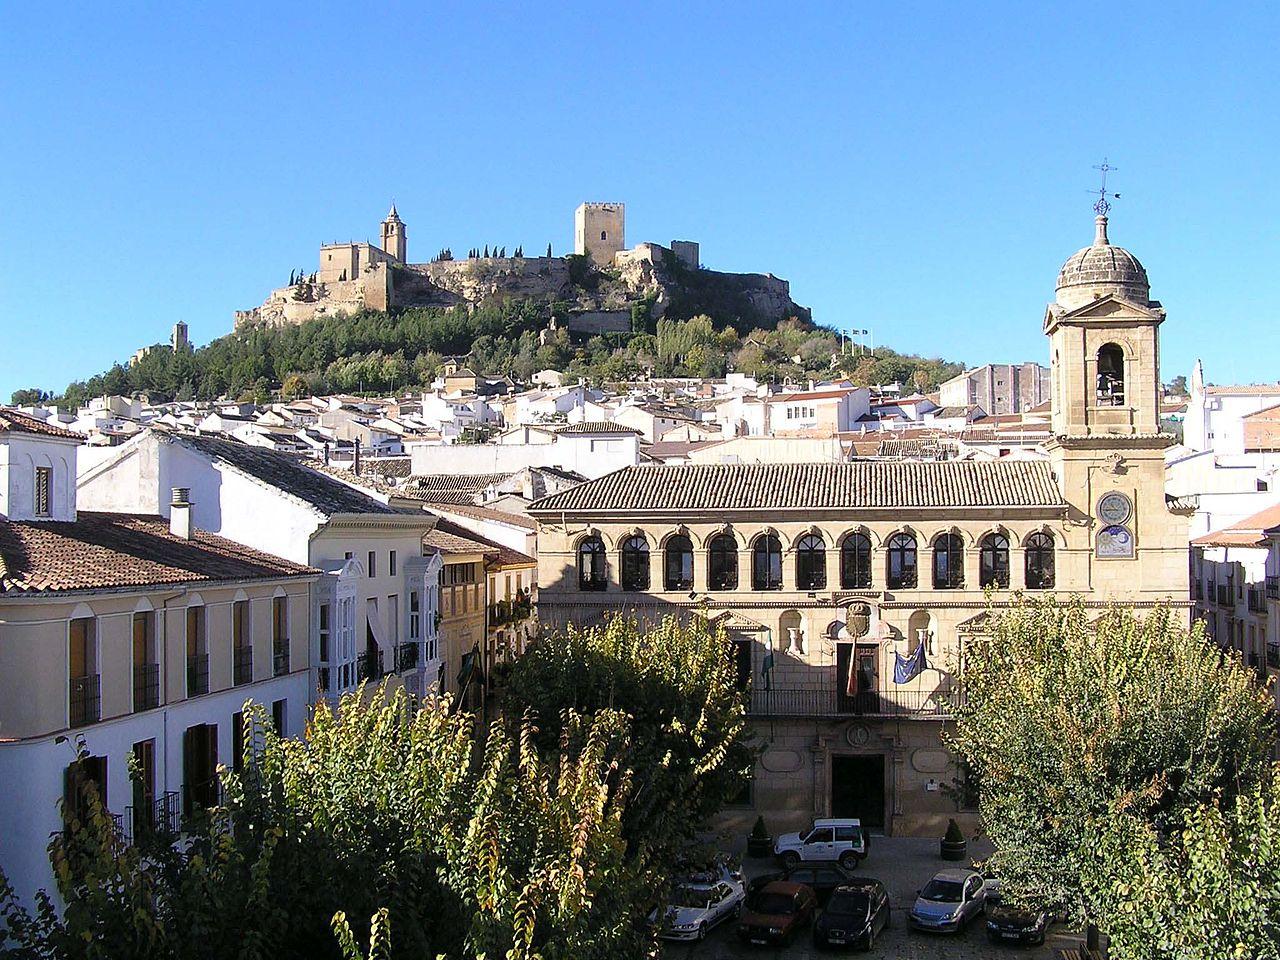 Vista de Alcalá la Real